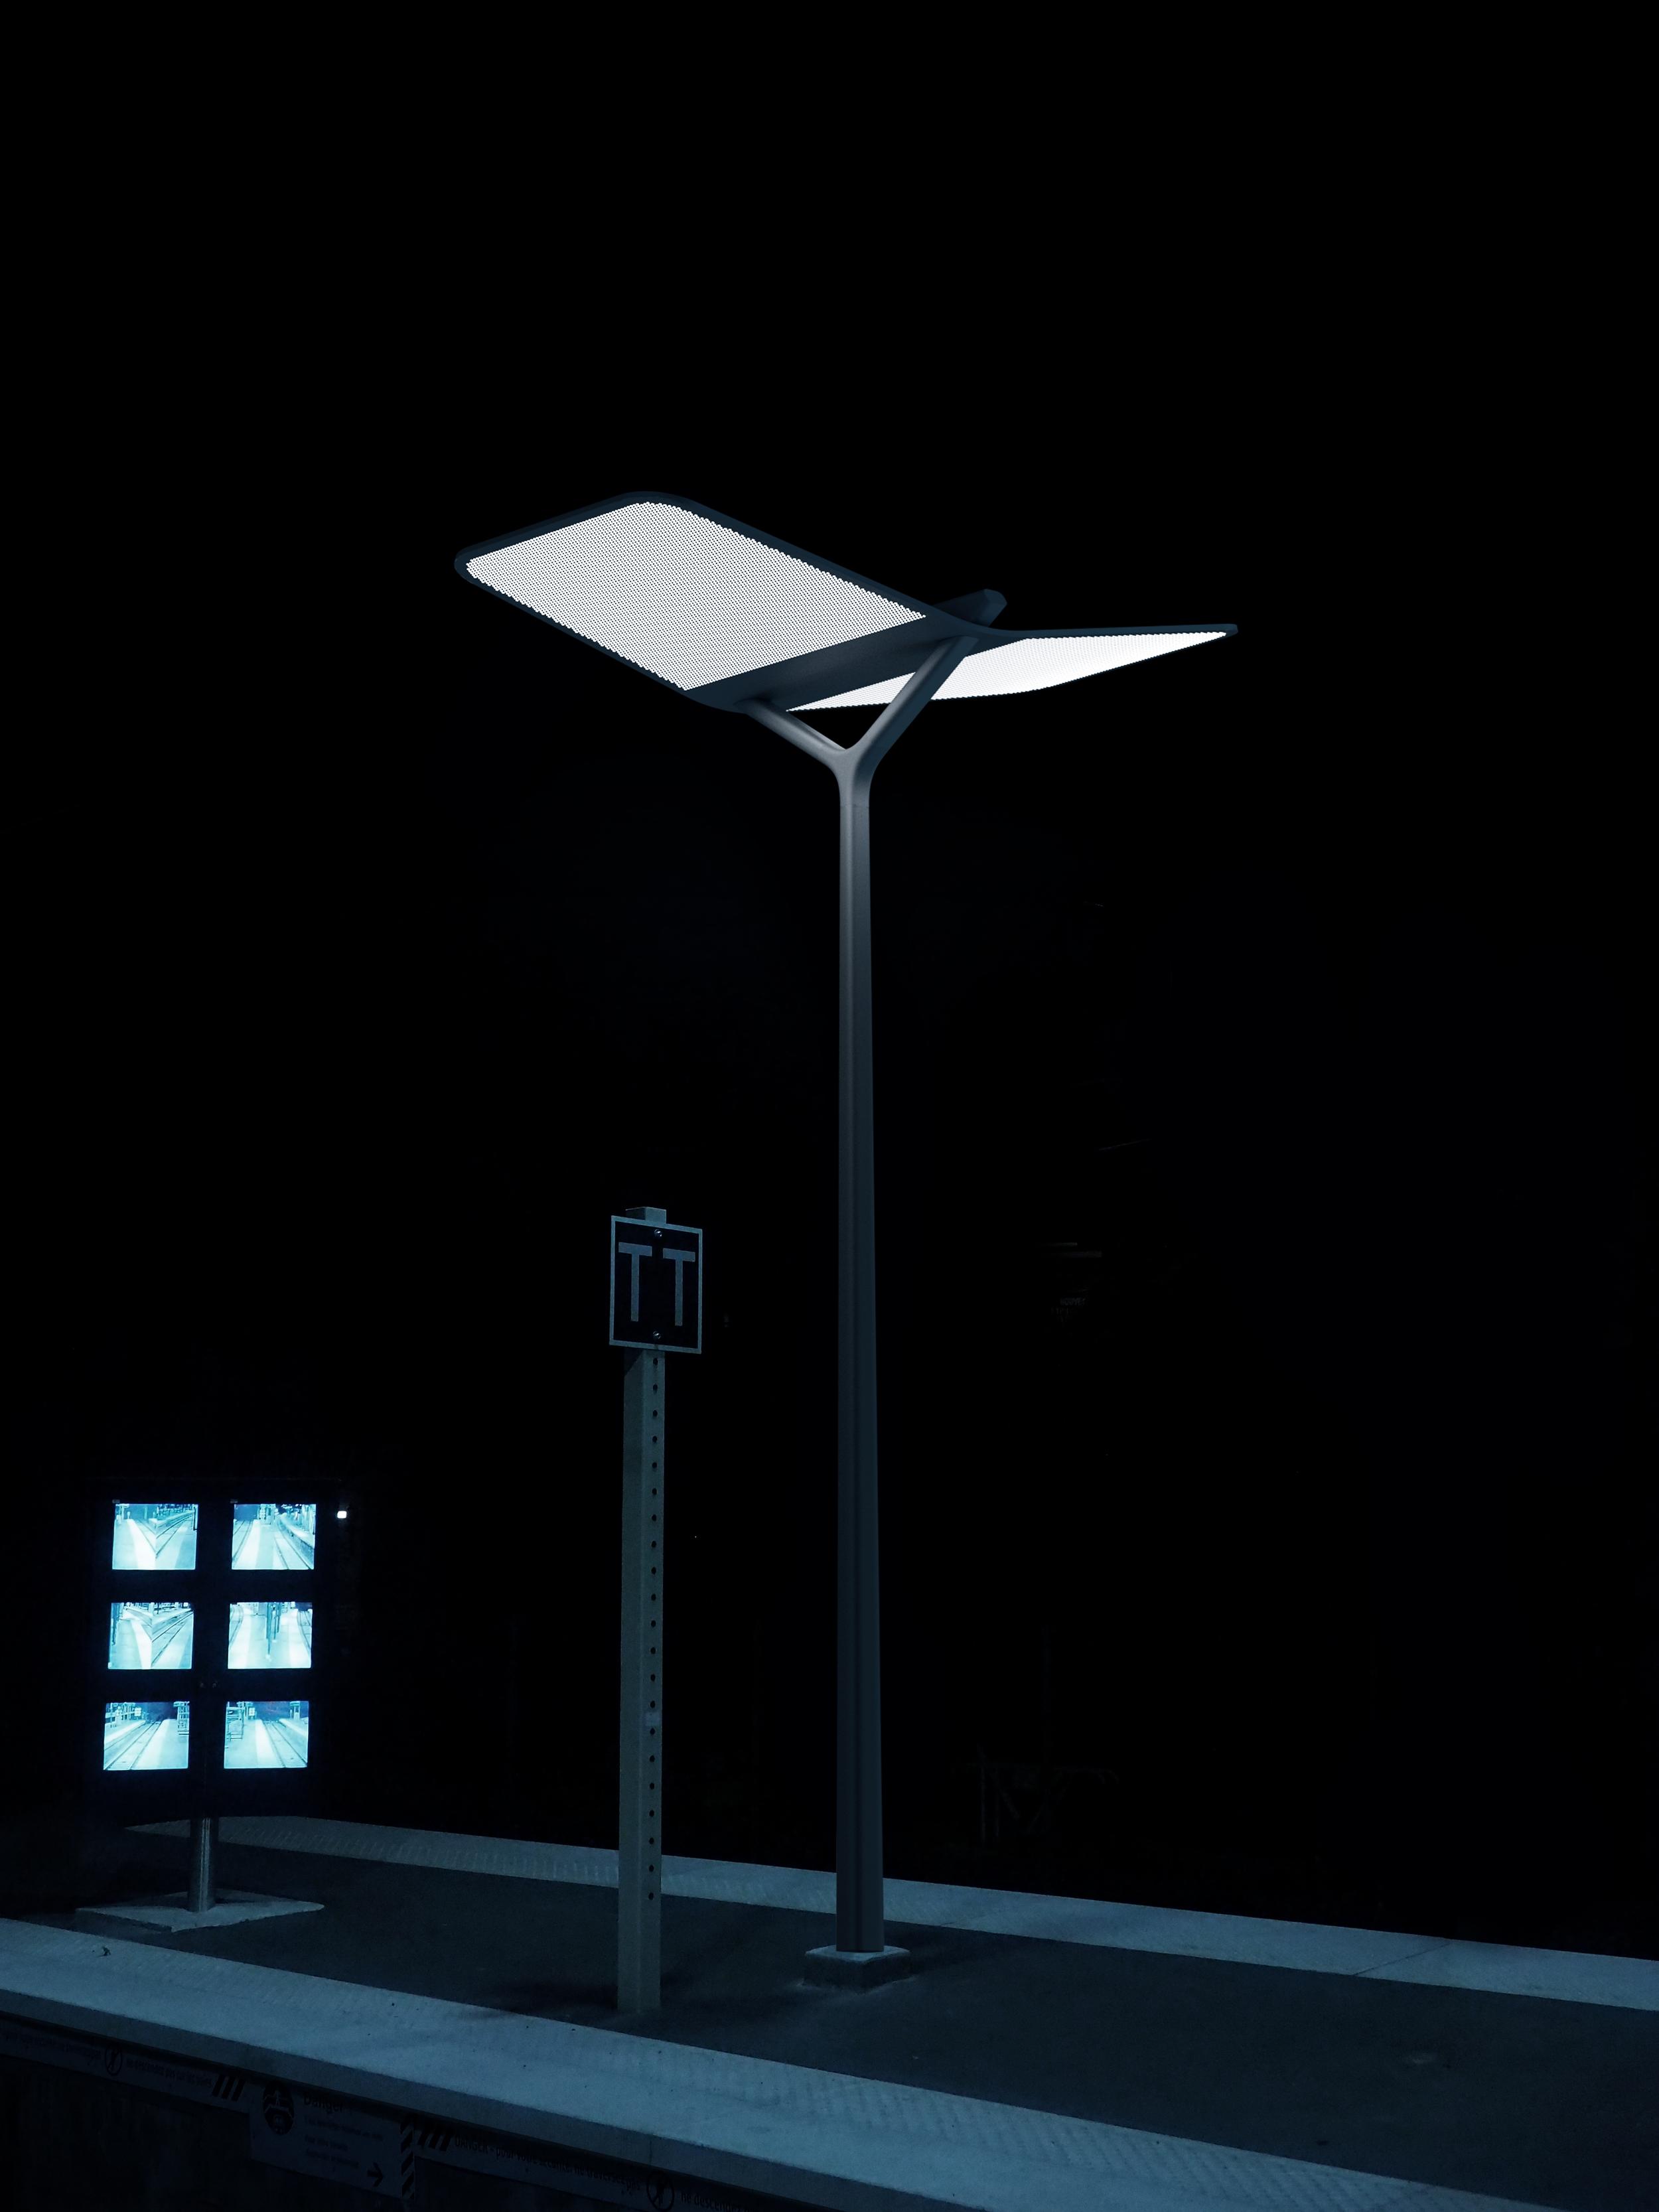 Conception d'un lampadaire pour une gamme de mobilier urbain   Partenaire : La Société du Grand Paris